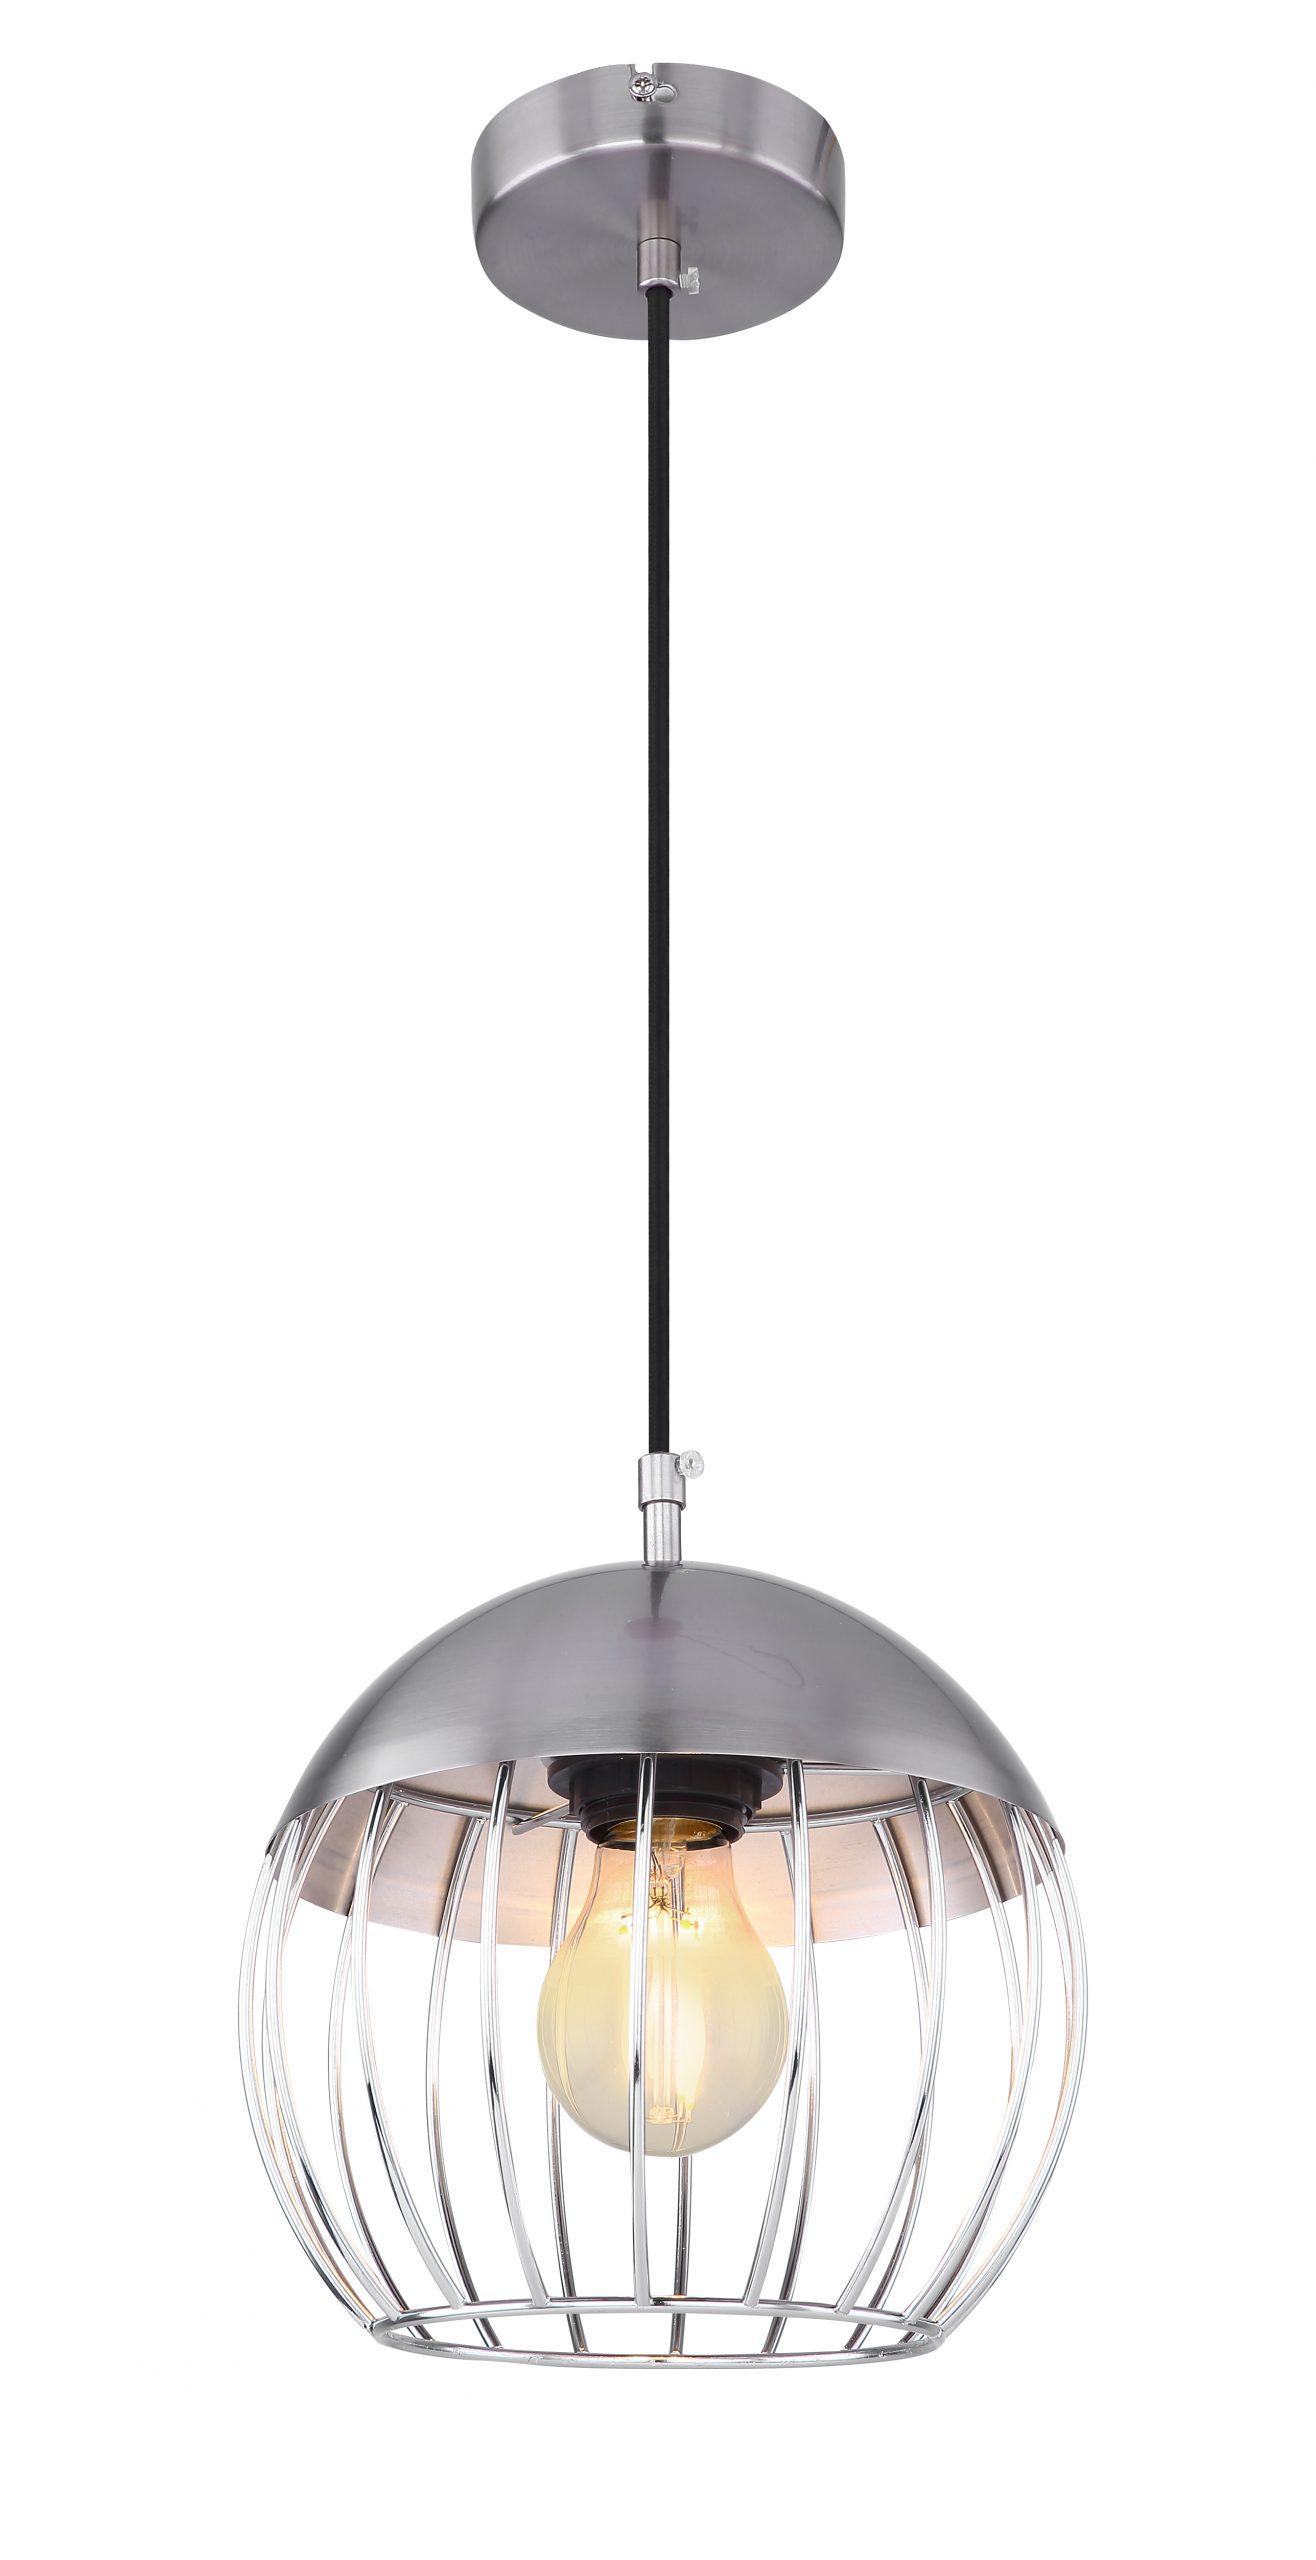 Full Size of Schlafzimmer Lampe Englisch Exe Wandlampe Bad Kronleuchter Komplettangebote Kommode Weiß Deckenlampe Deckenlampen Wohnzimmer Modern Truhe Rauch Komplett Mit Schlafzimmer Schlafzimmer Lampe